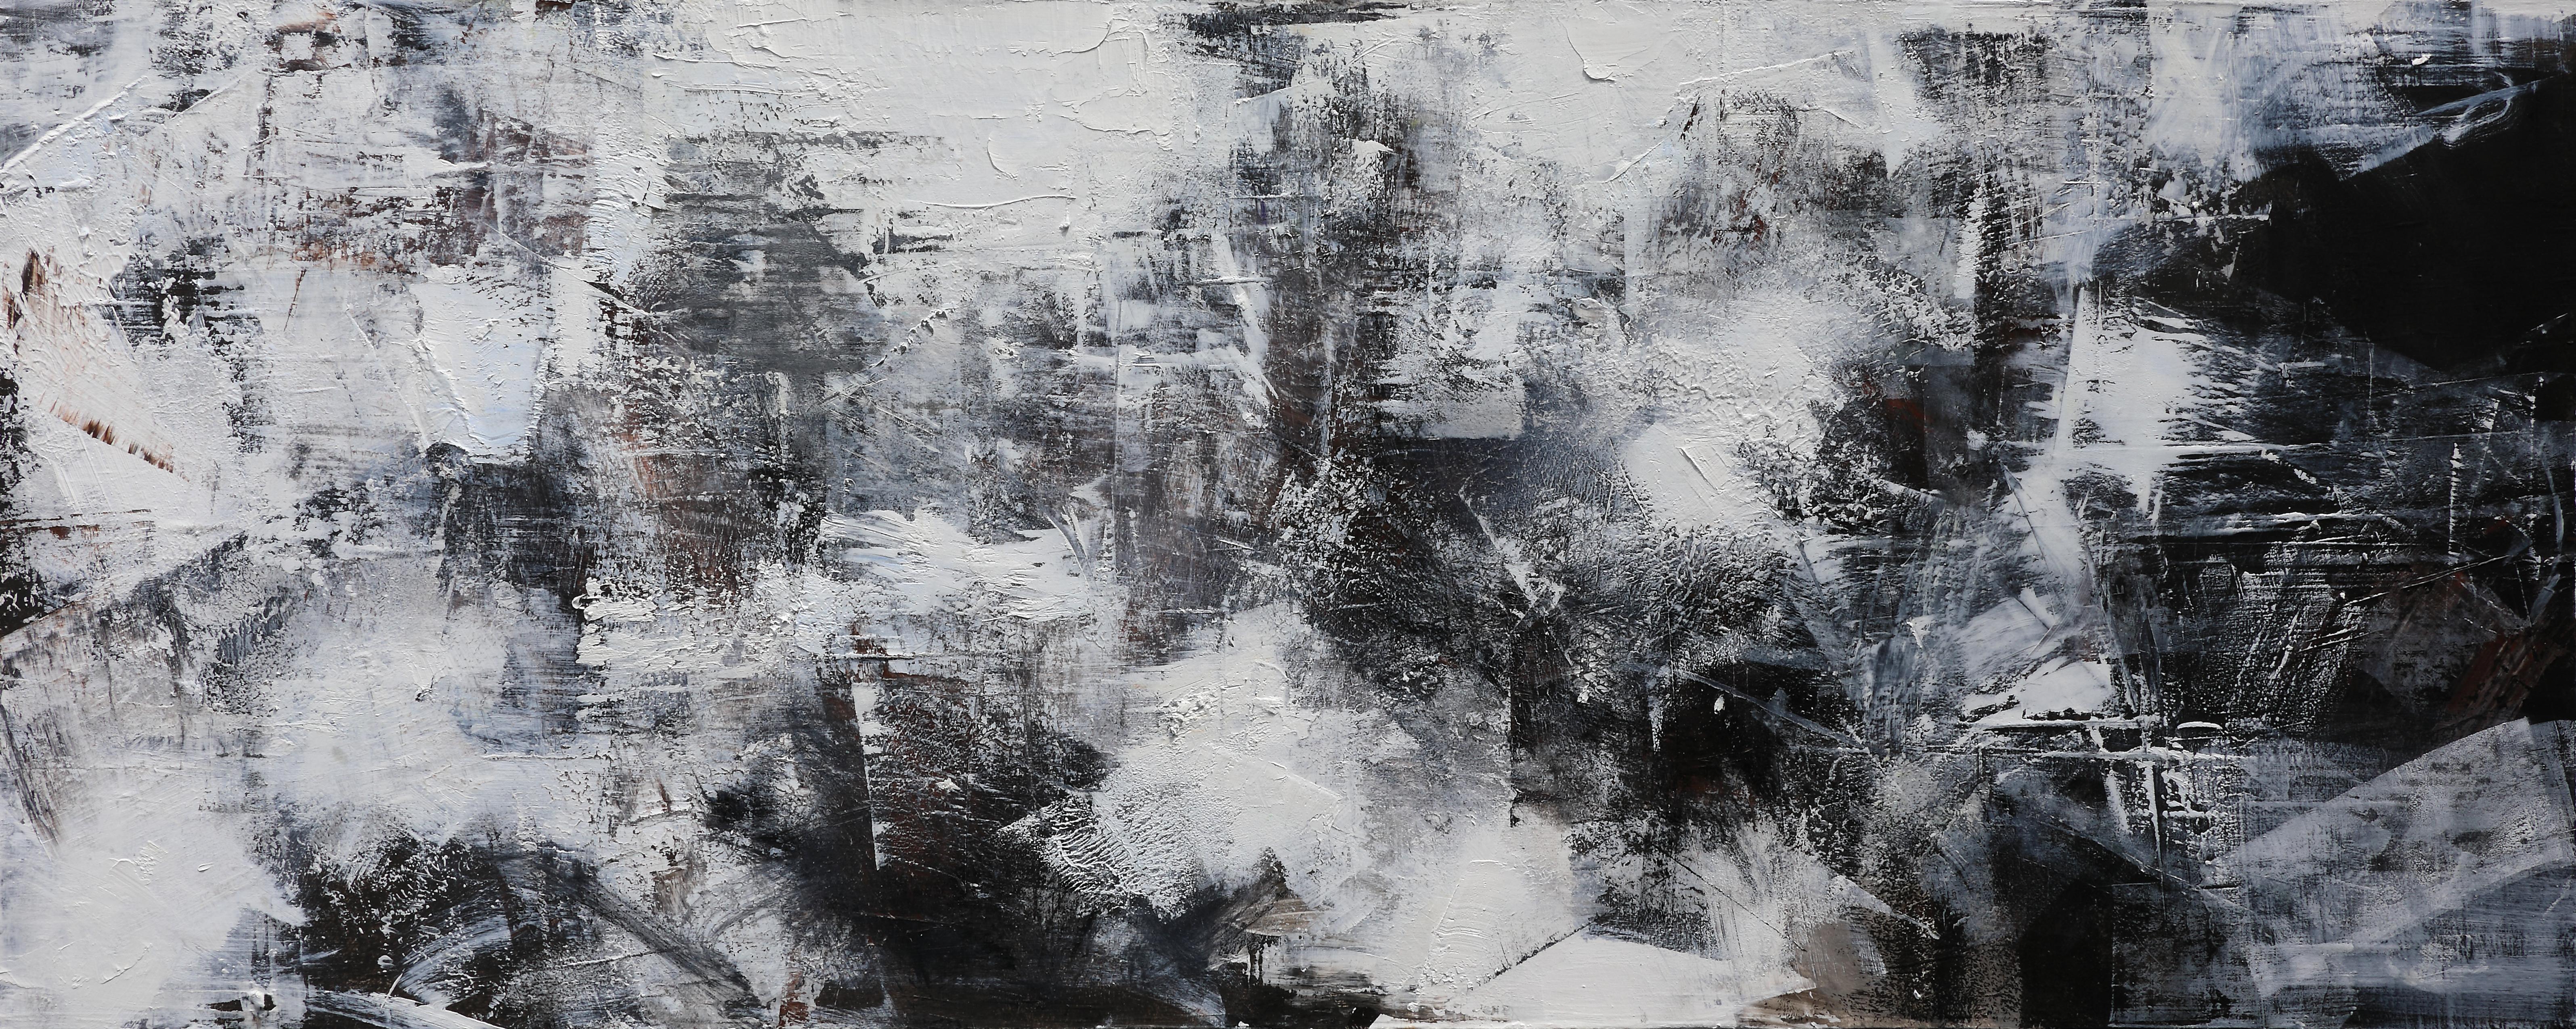 008, 연상록, 재너머 송학사 가는 길 -冬-, 180 x 70 cm,